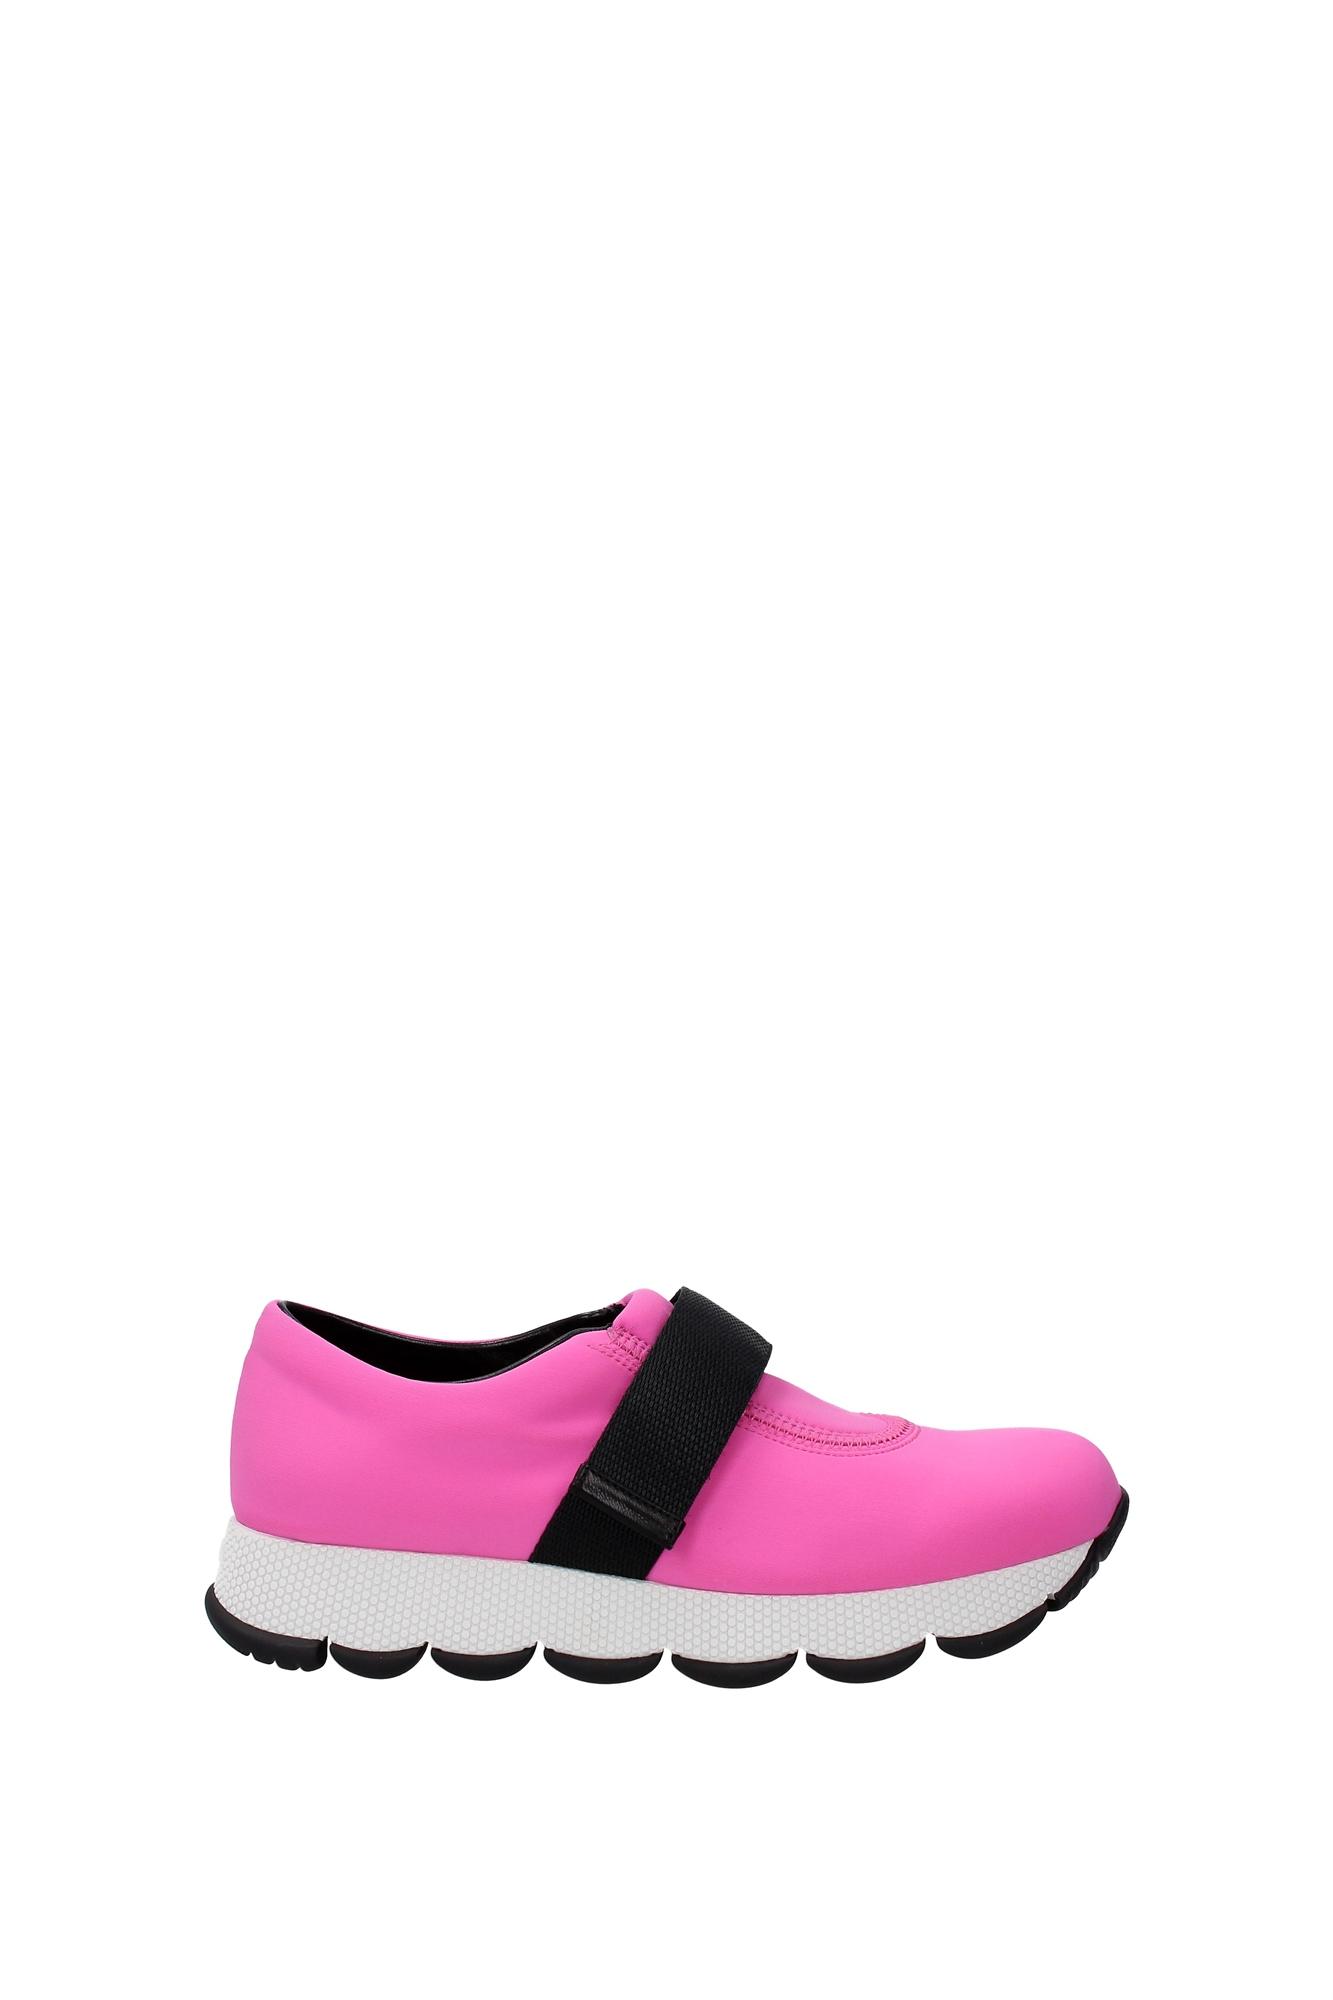 Sneakers (3S6179BEGONIA) Prada Damenschuhe - Tessuto (3S6179BEGONIA) Sneakers 91c2ca